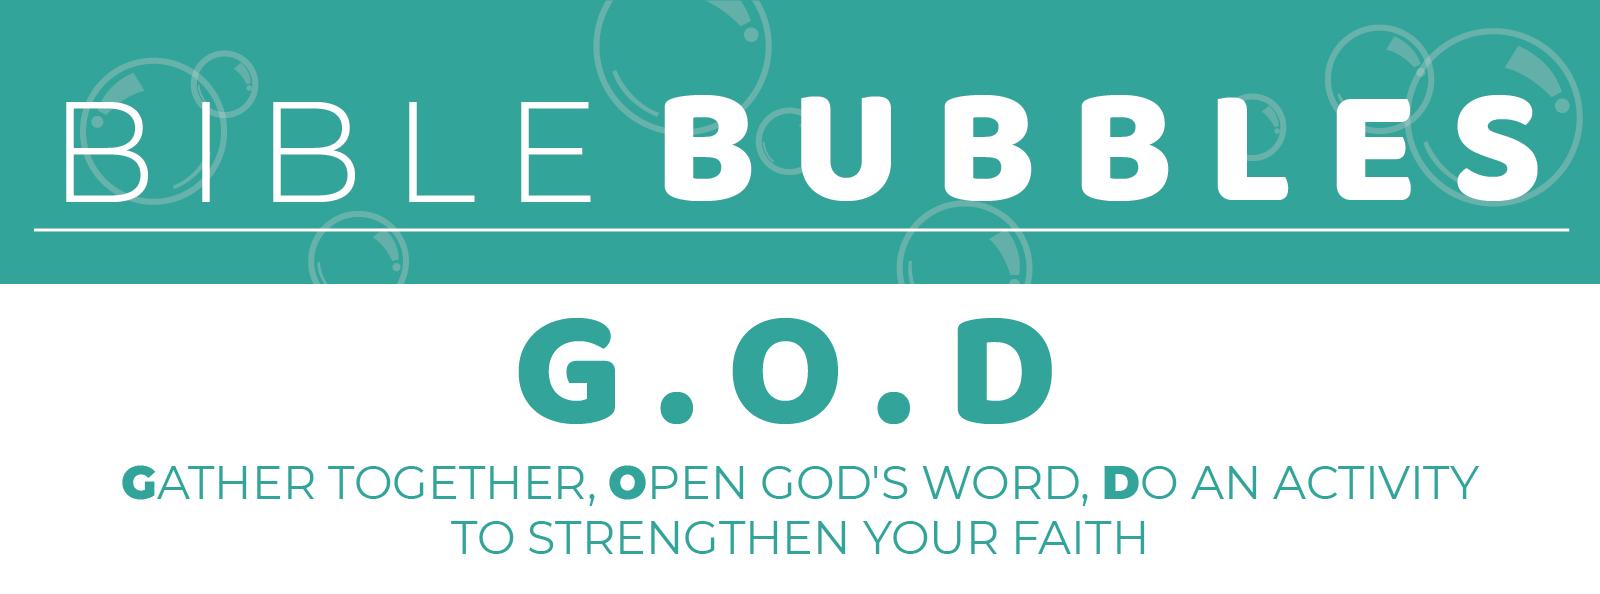 BibleBubbles_webheader2-01